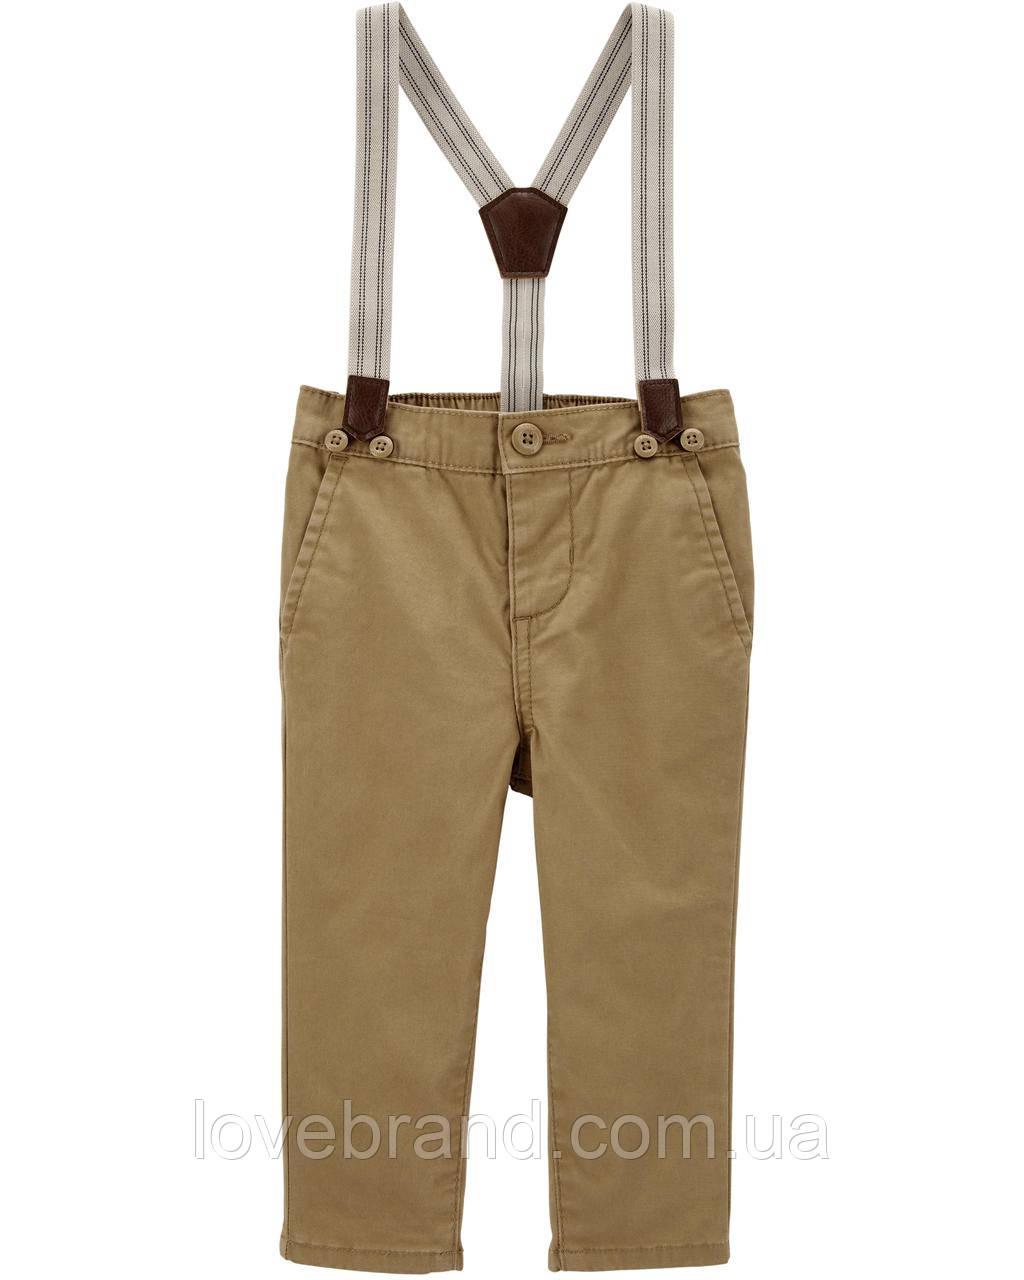 Штаны для мальчика OshKosh коричневые, брюки с подтяжками